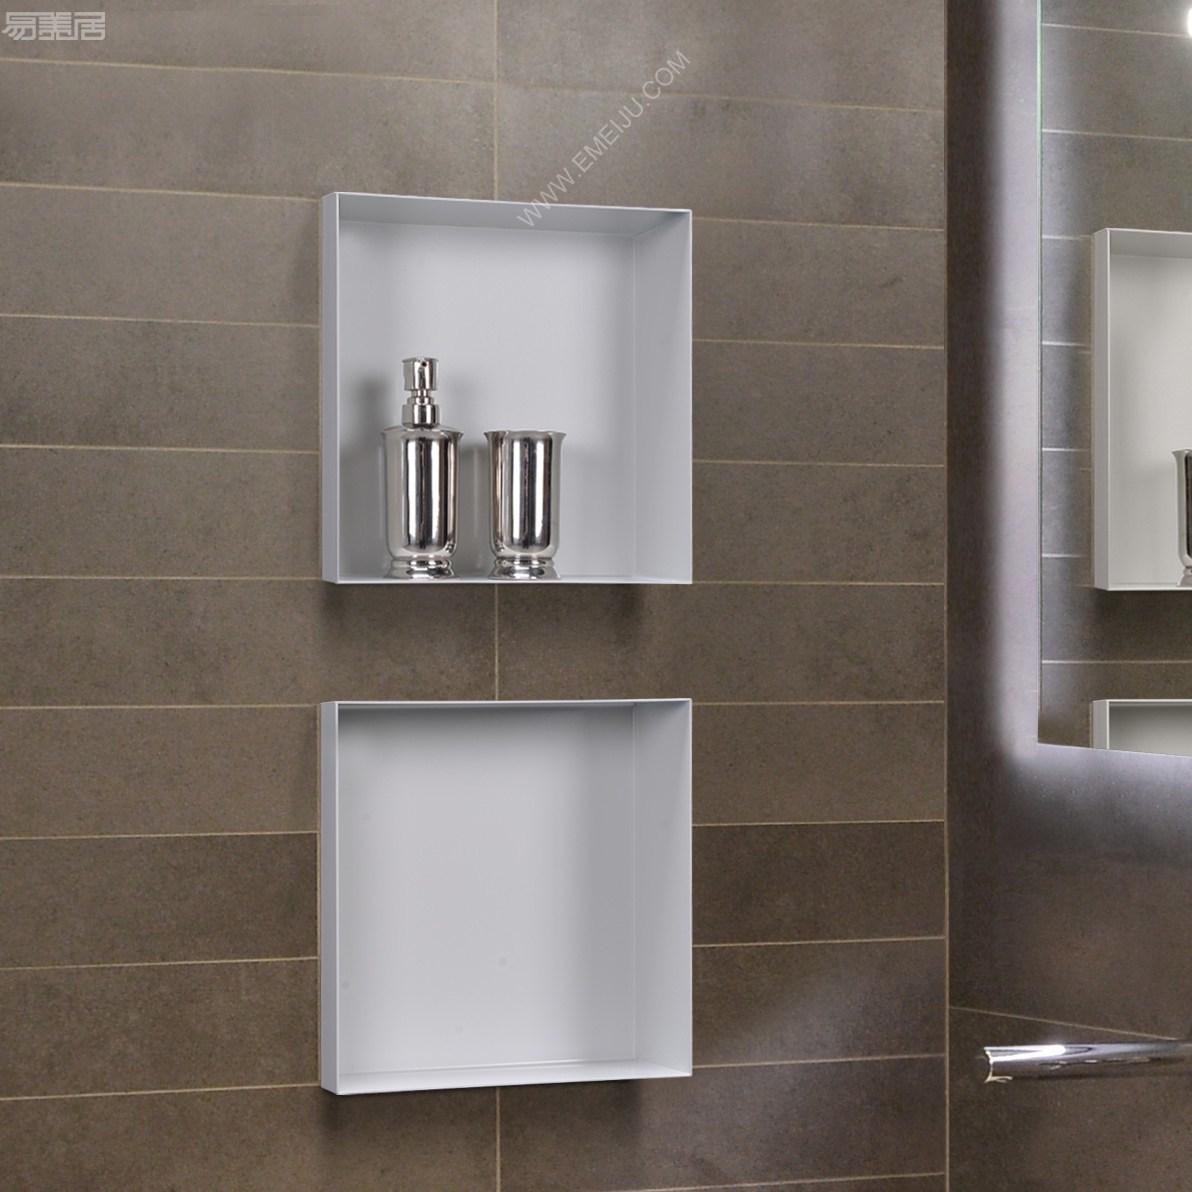 C-BOX-Easy-Sanitary-Solutions-226789-rel4b6efa1b.jpg